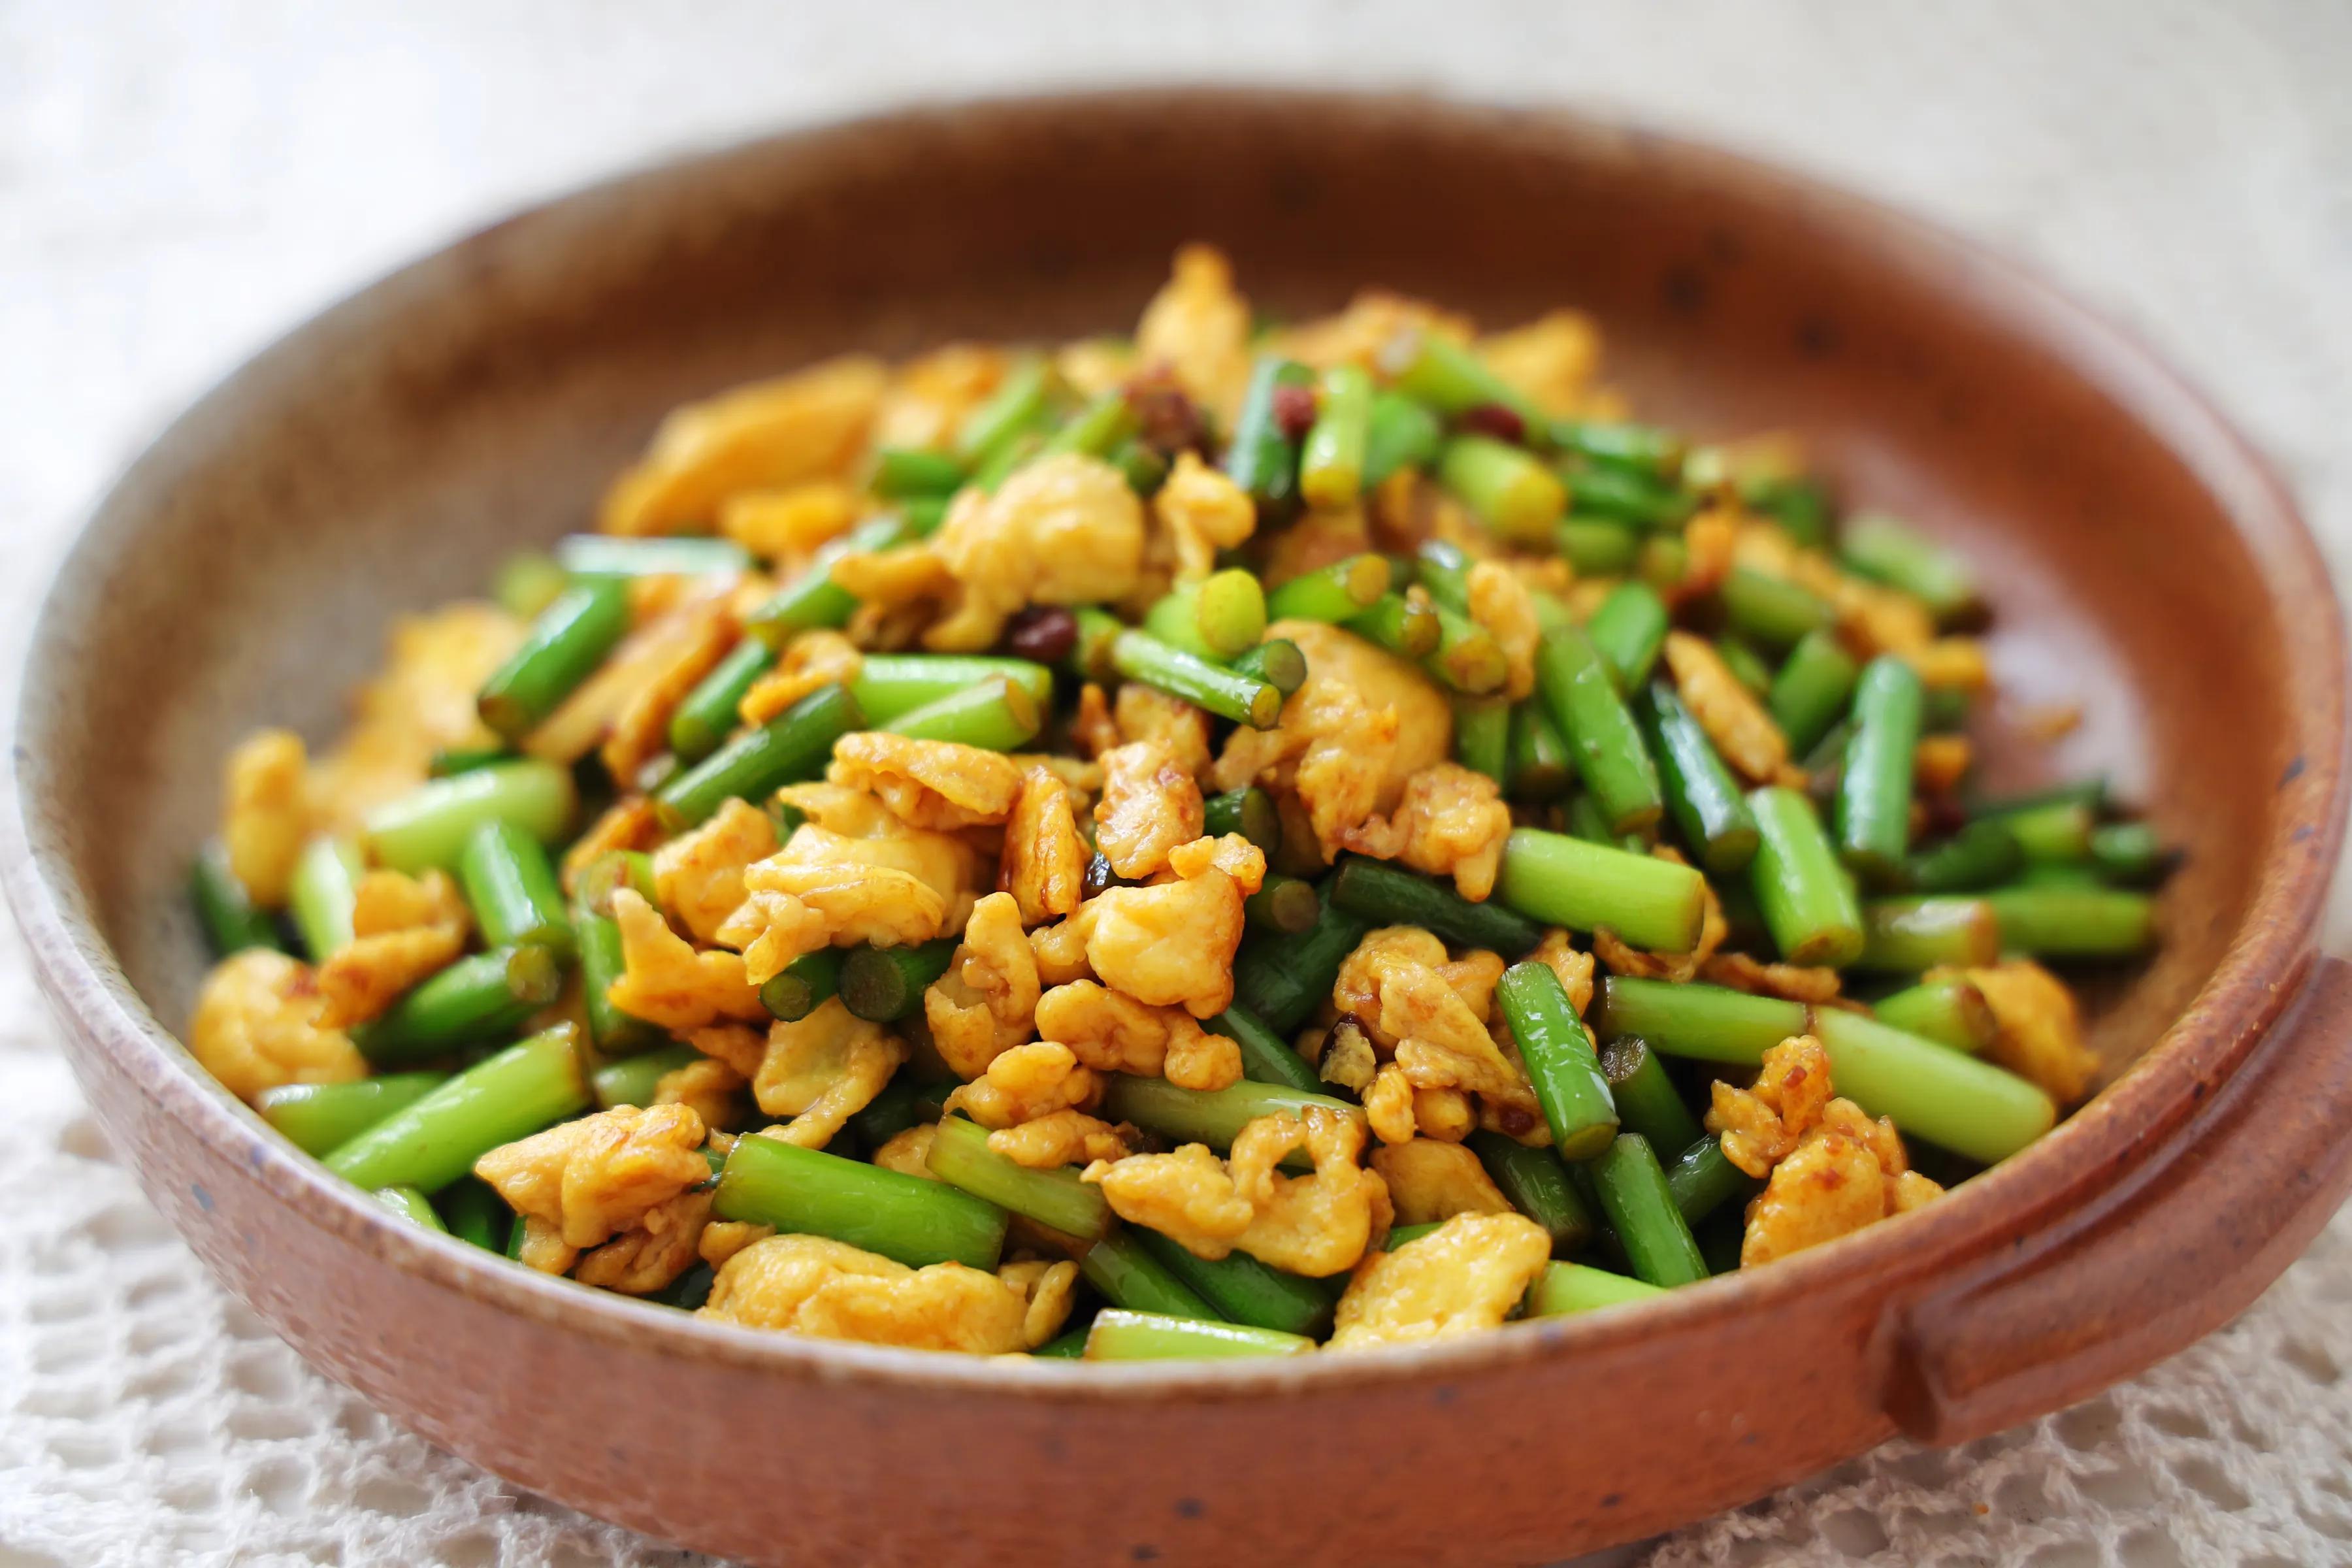 鸡蛋和蒜薹的新吃法,酱香美味,鲜嫩好吃,特下饭!一定要试试 美食做法 第12张